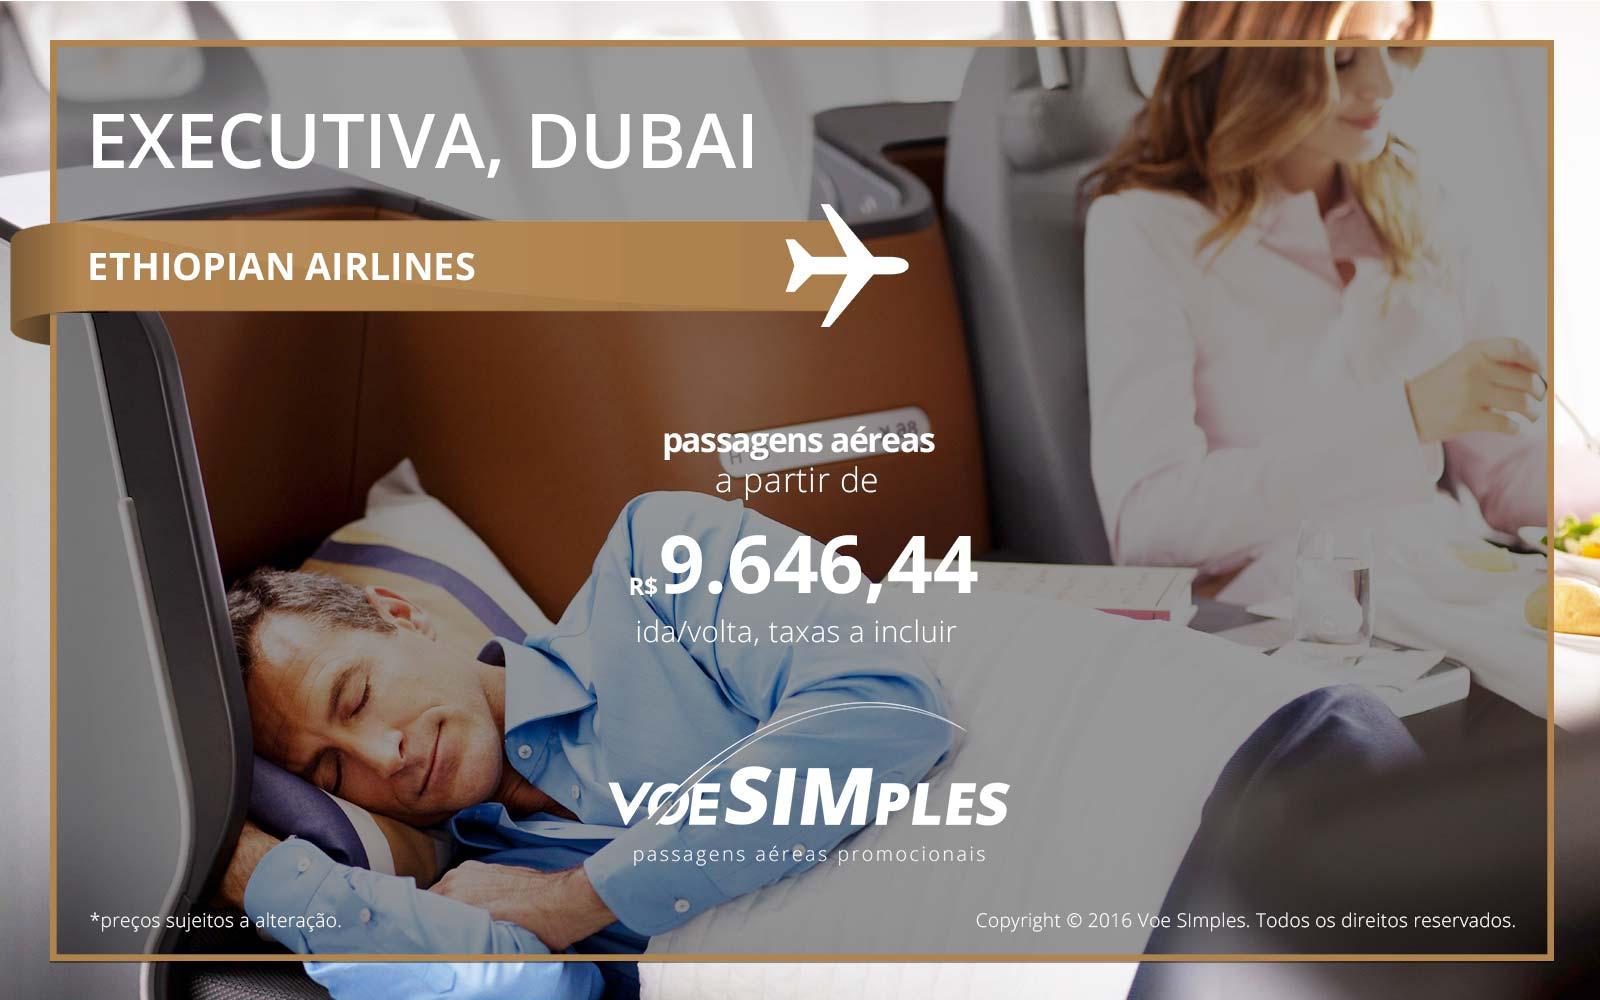 Passagem aérea Classe Executiva Ethiopian Airlines para Dubai